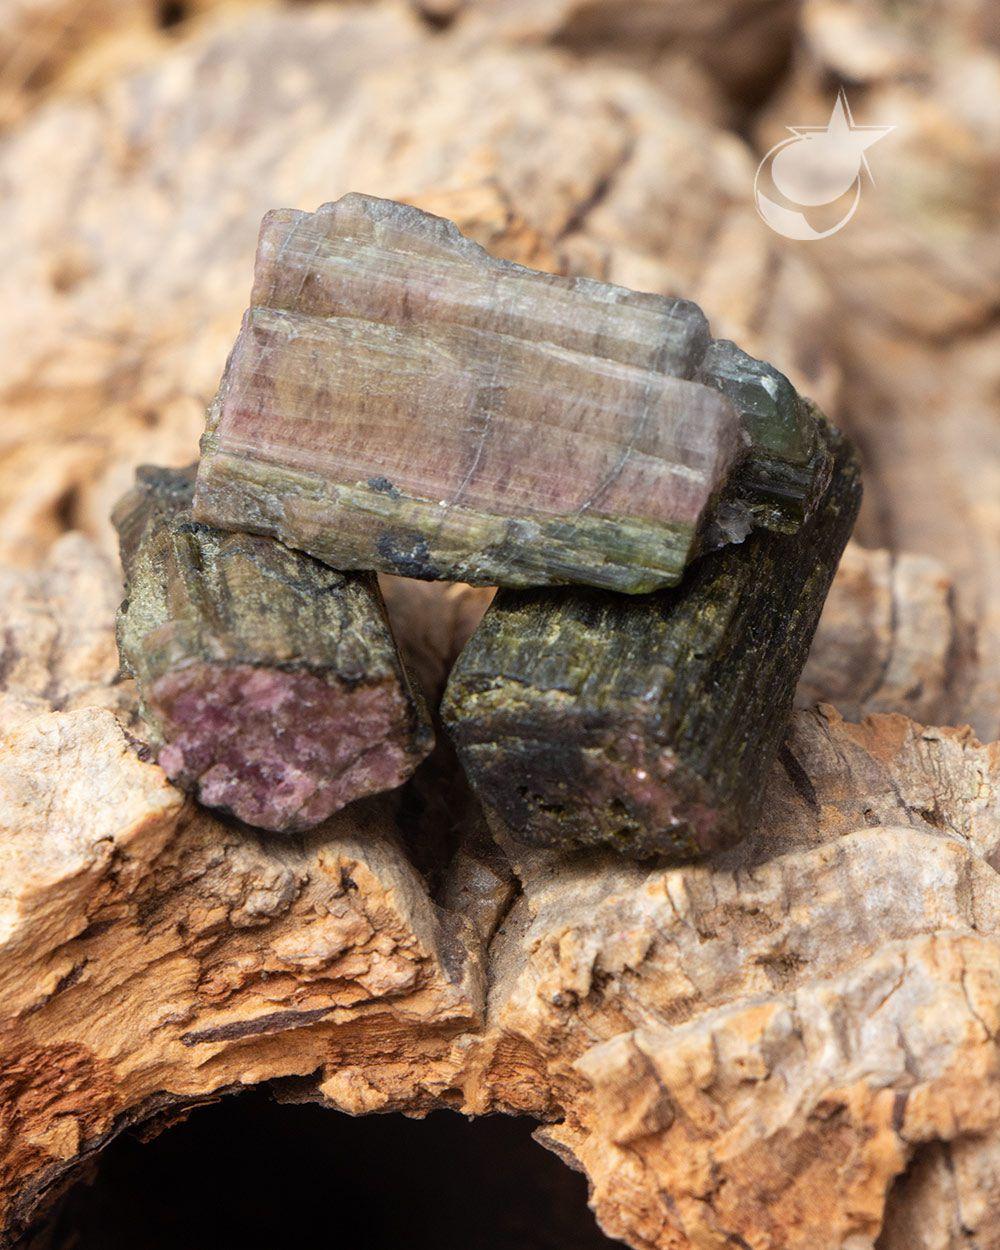 TURMALINA MELANCIA BRUTA - UNIDADE - 3,2 a 3,5 cm